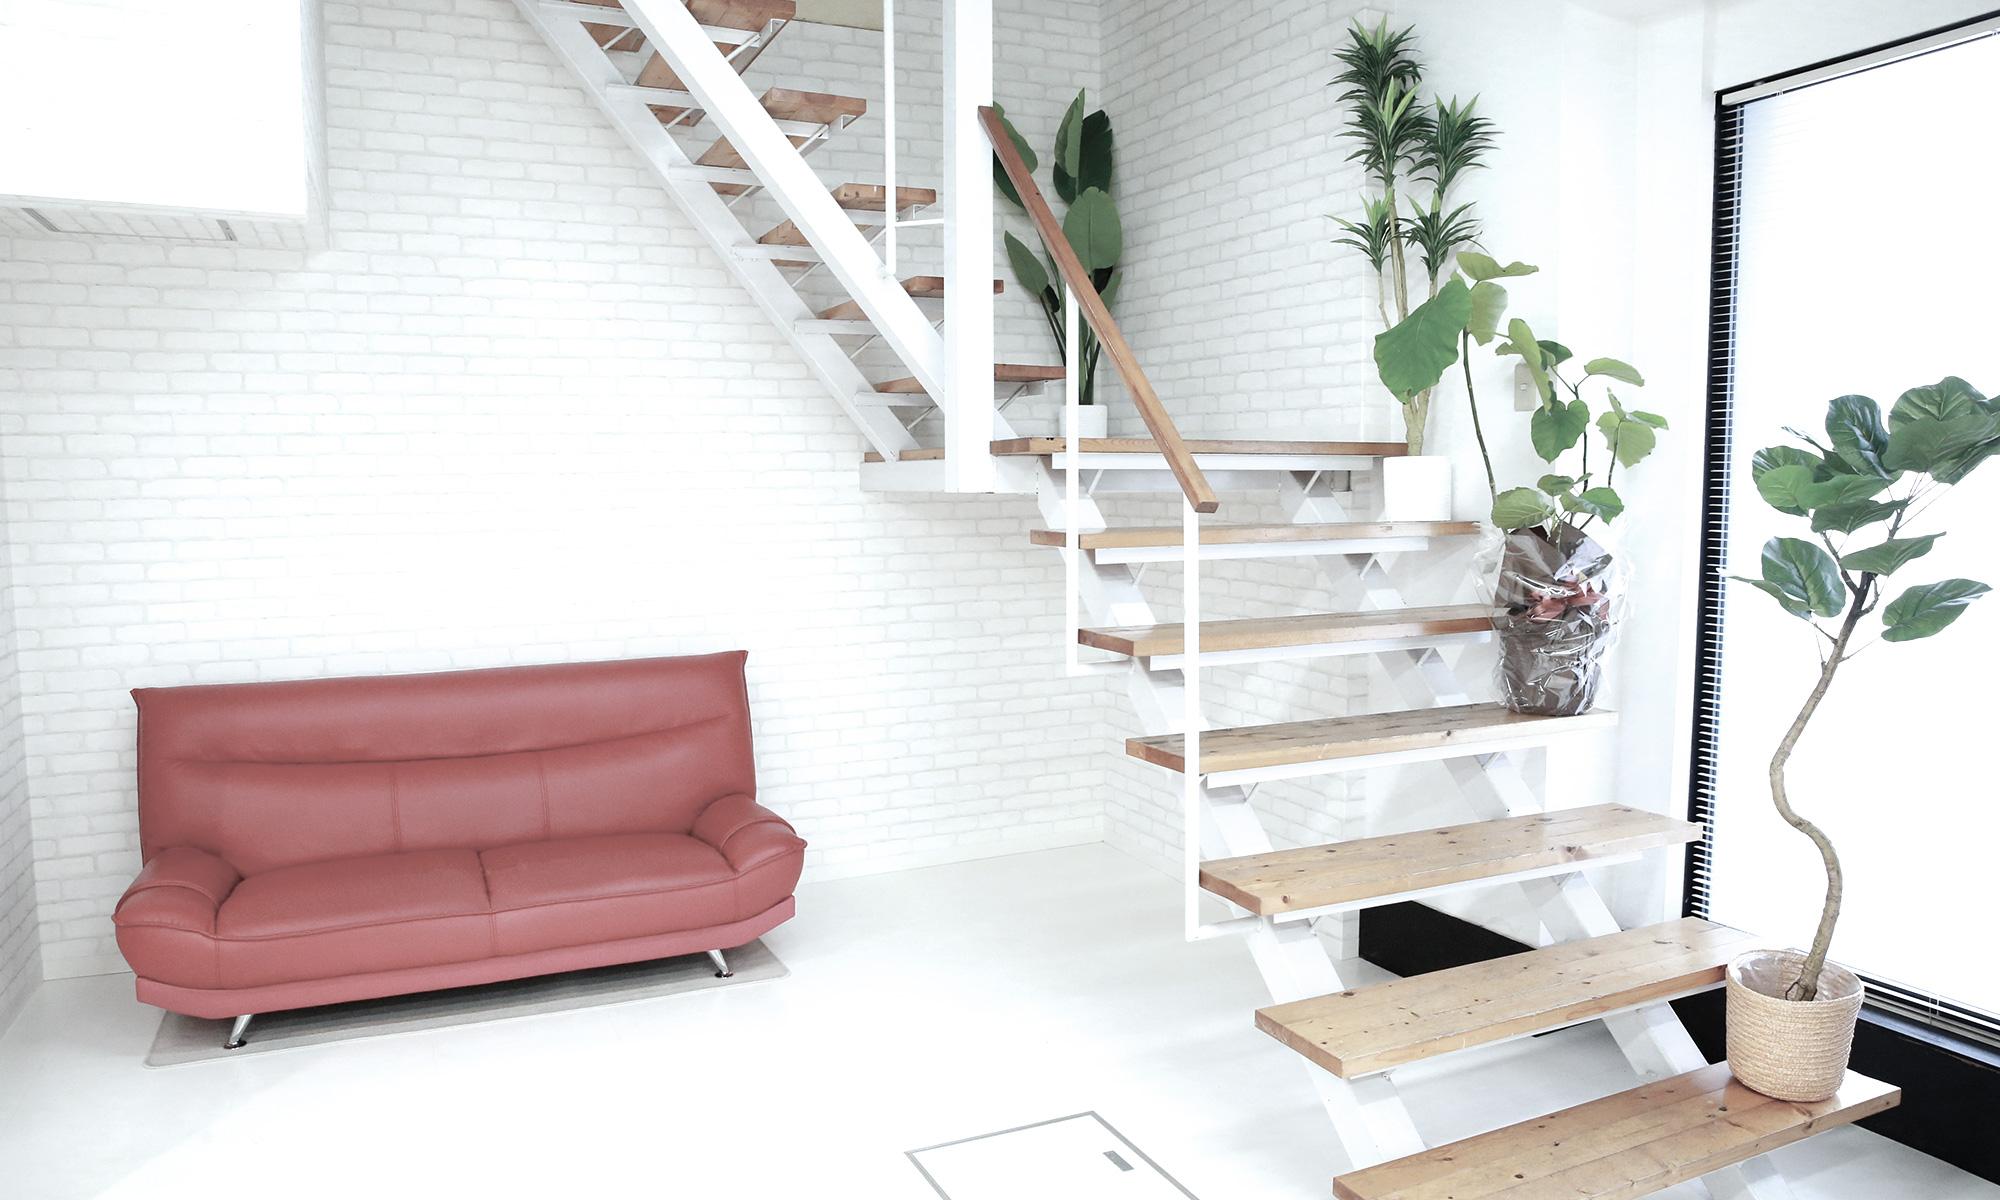 岡山市レンタル撮影スタジオ|スタジオMCO